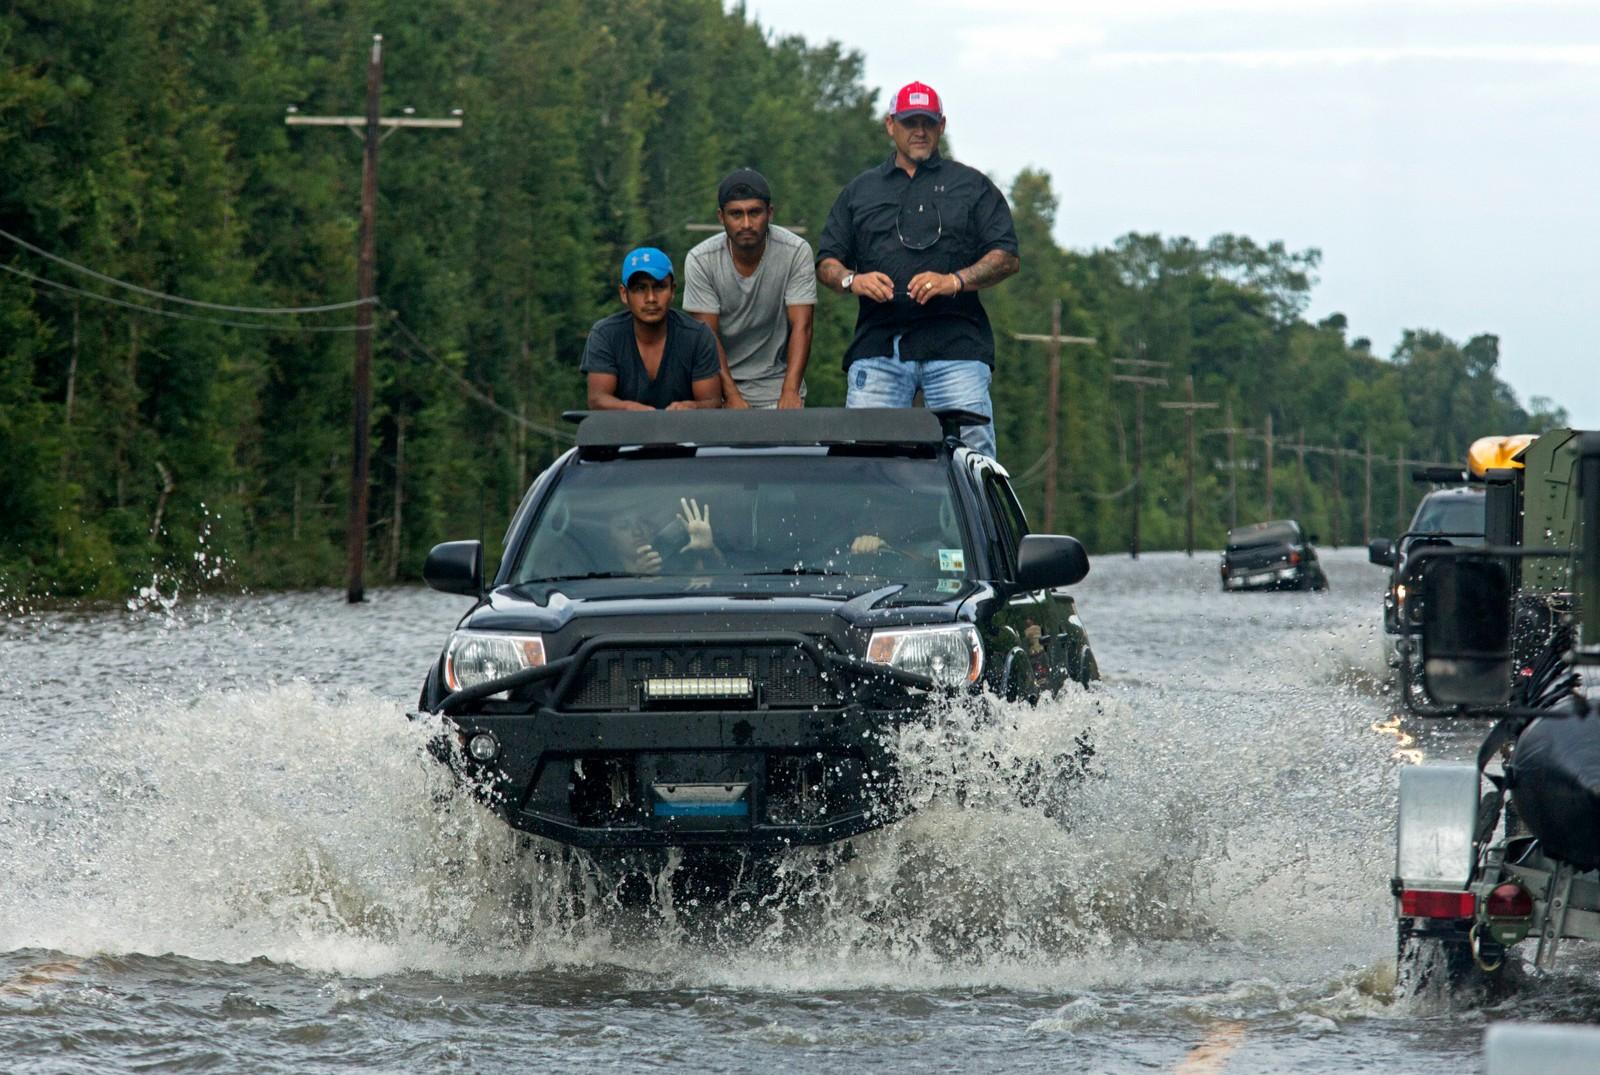 MOTORVEI: Bilene kjører gjennom flomvannet som ligger på motorvei 190 i Holden, Louisiana.